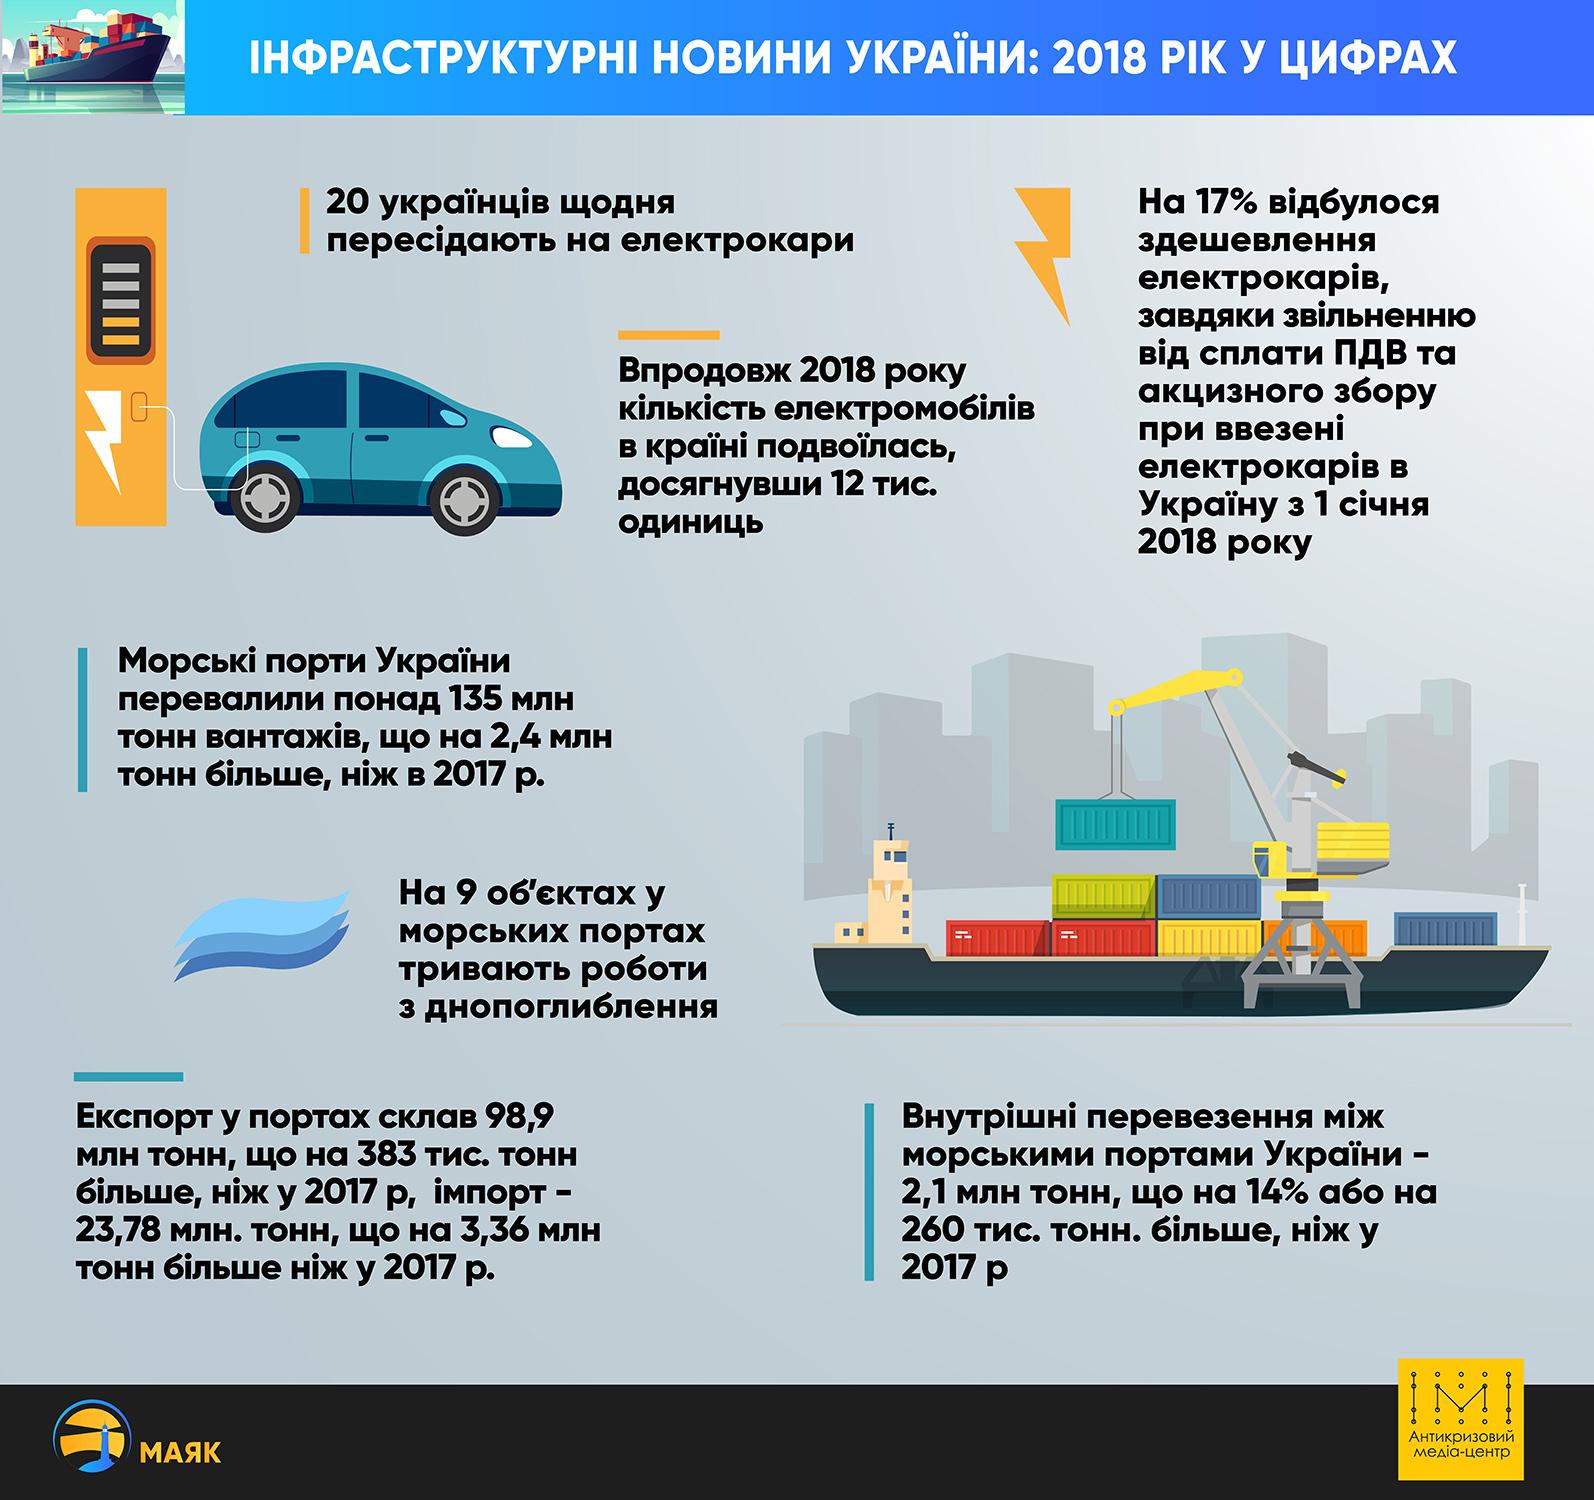 Інфраструктурна галузь України: про що кажуть показники 2018 року - Фото №1